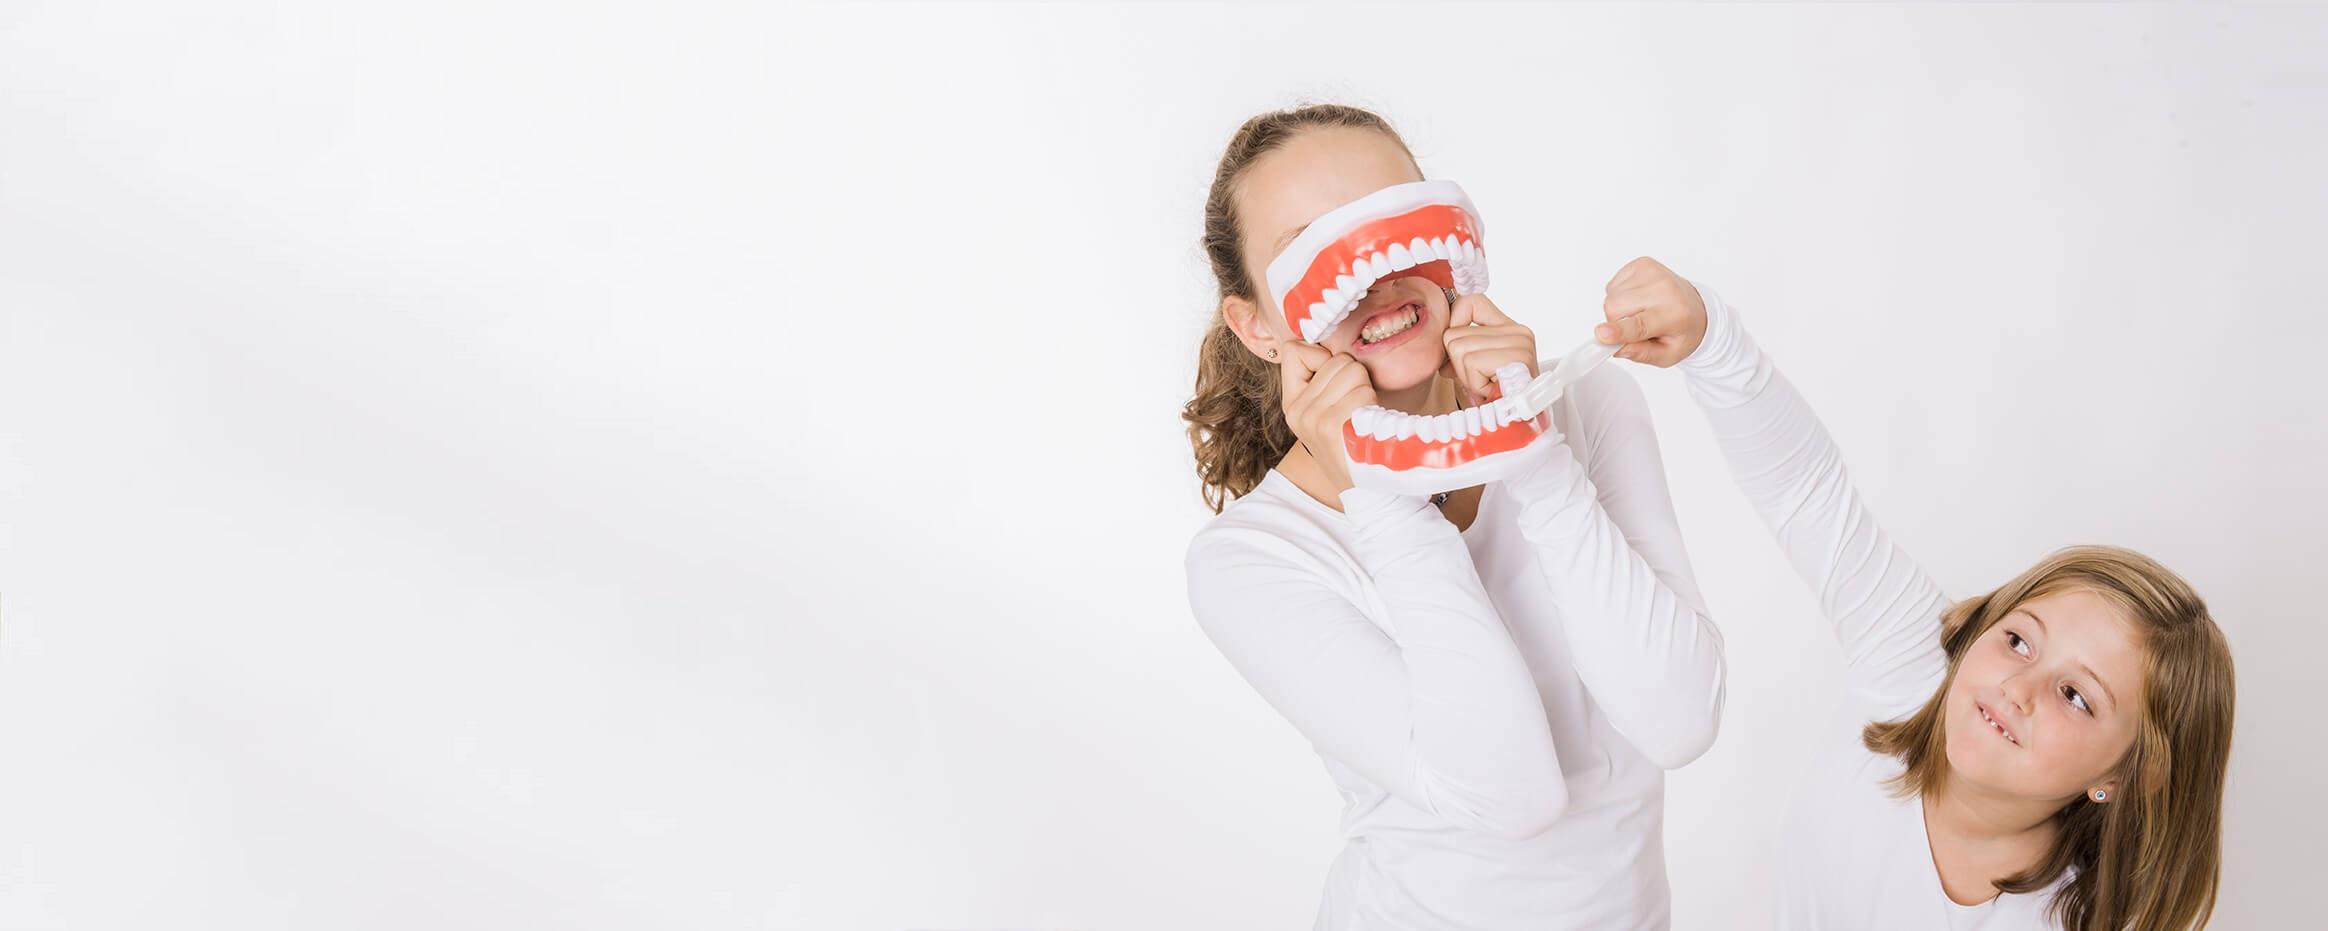 Zahngesundheit ist bei uns Familienangelegenheit!